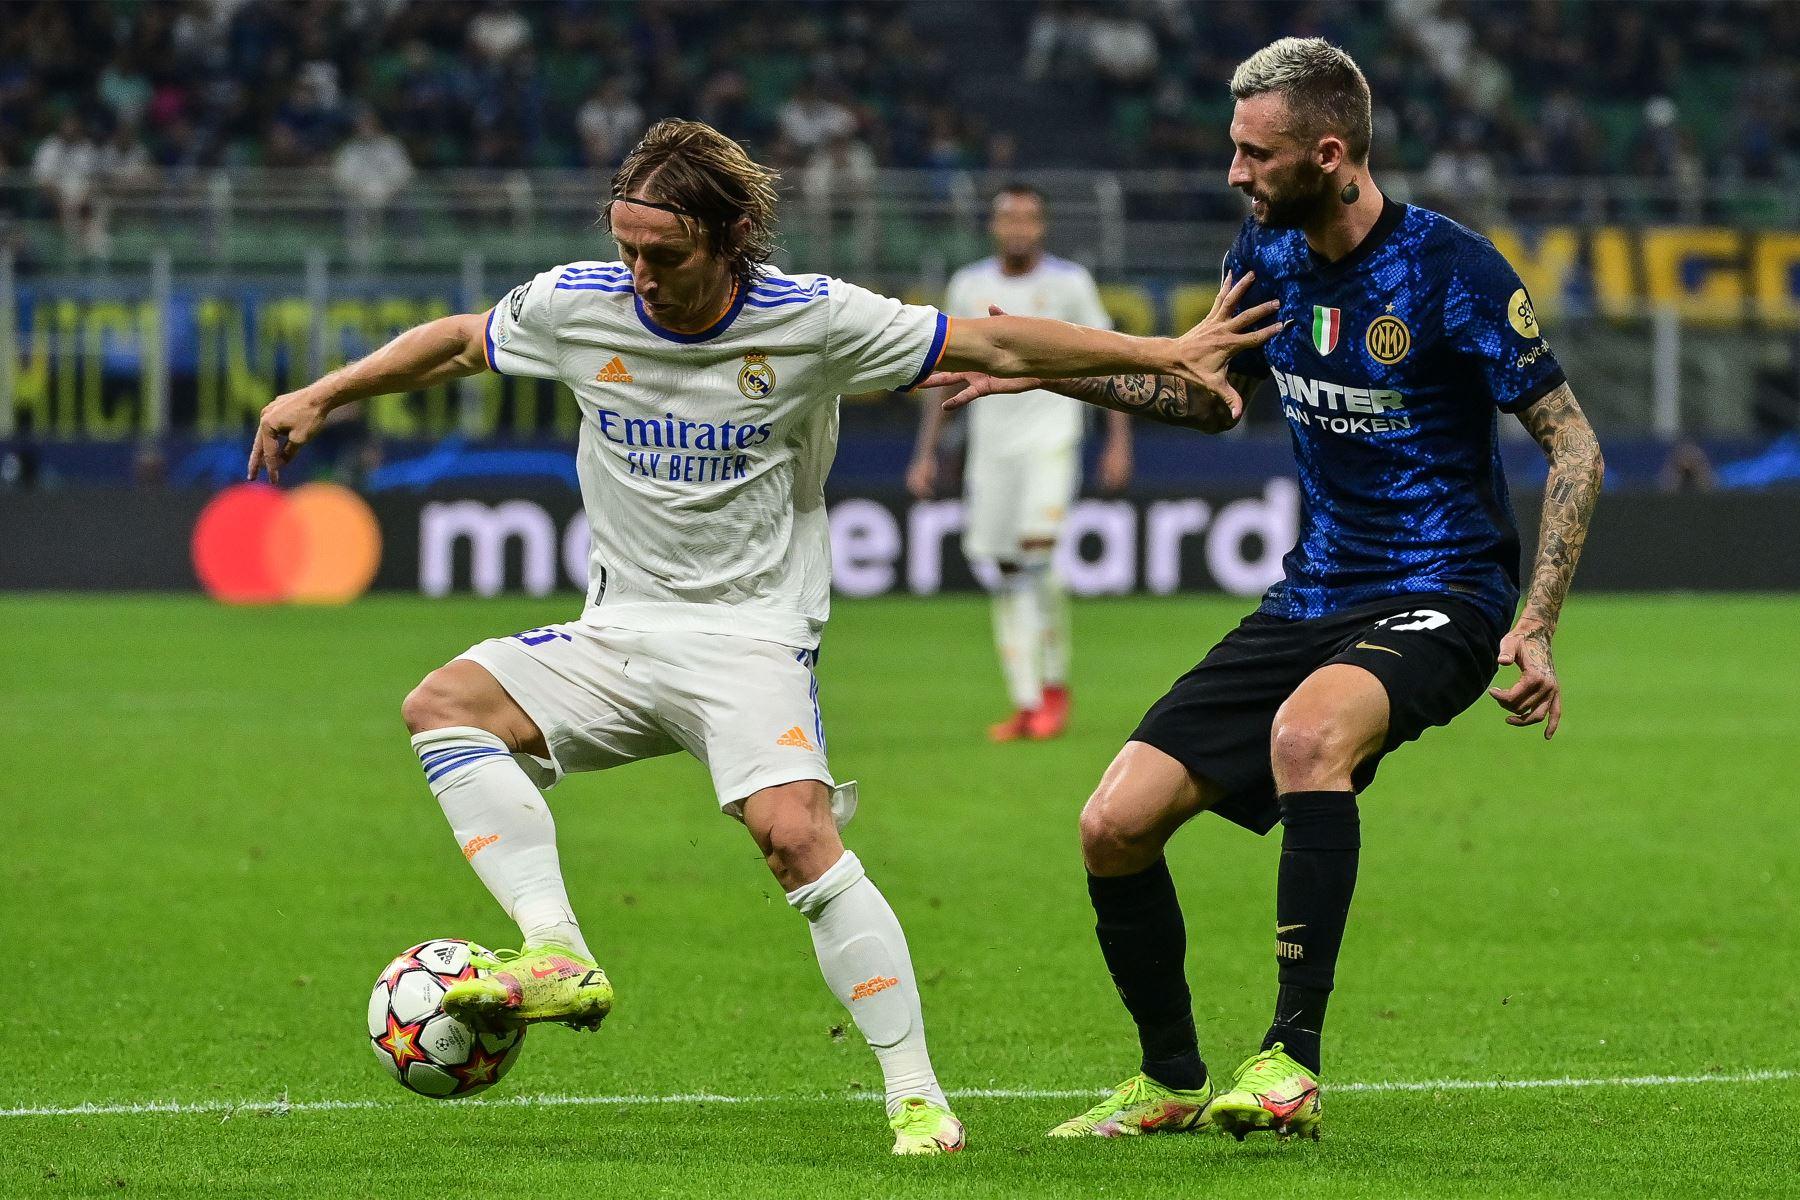 El centrocampista croata del Real Madrid Luka Modric  frena al centrocampista croata del Inter de Milán Marcelo Brozovic durante el partido de fútbol del Grupo D de la Liga de Campeones de la UEFA entre el Inter de Milán y el Real Madrid. Foto: AFP